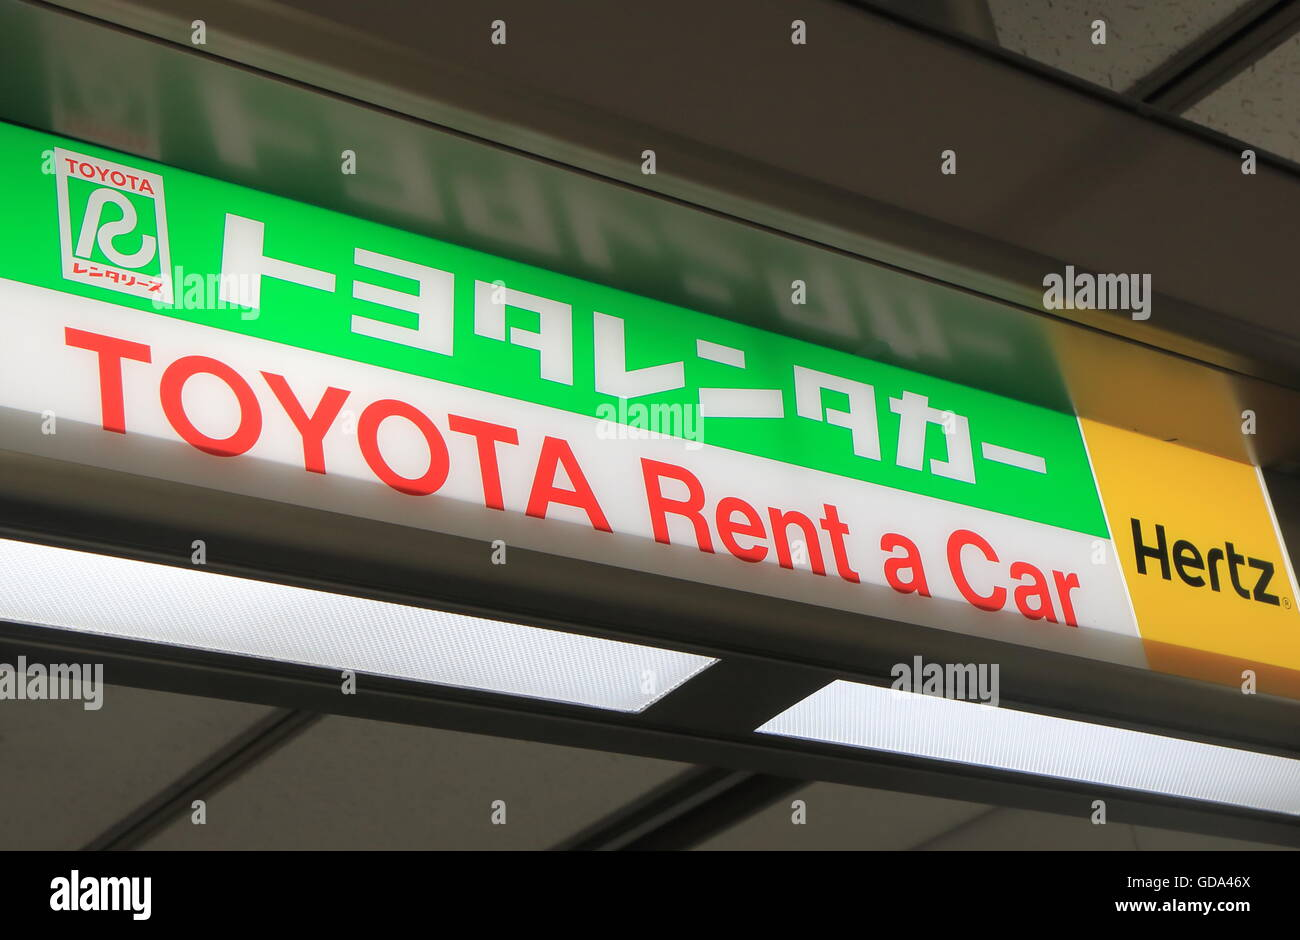 Hertz Rent A Car Athens